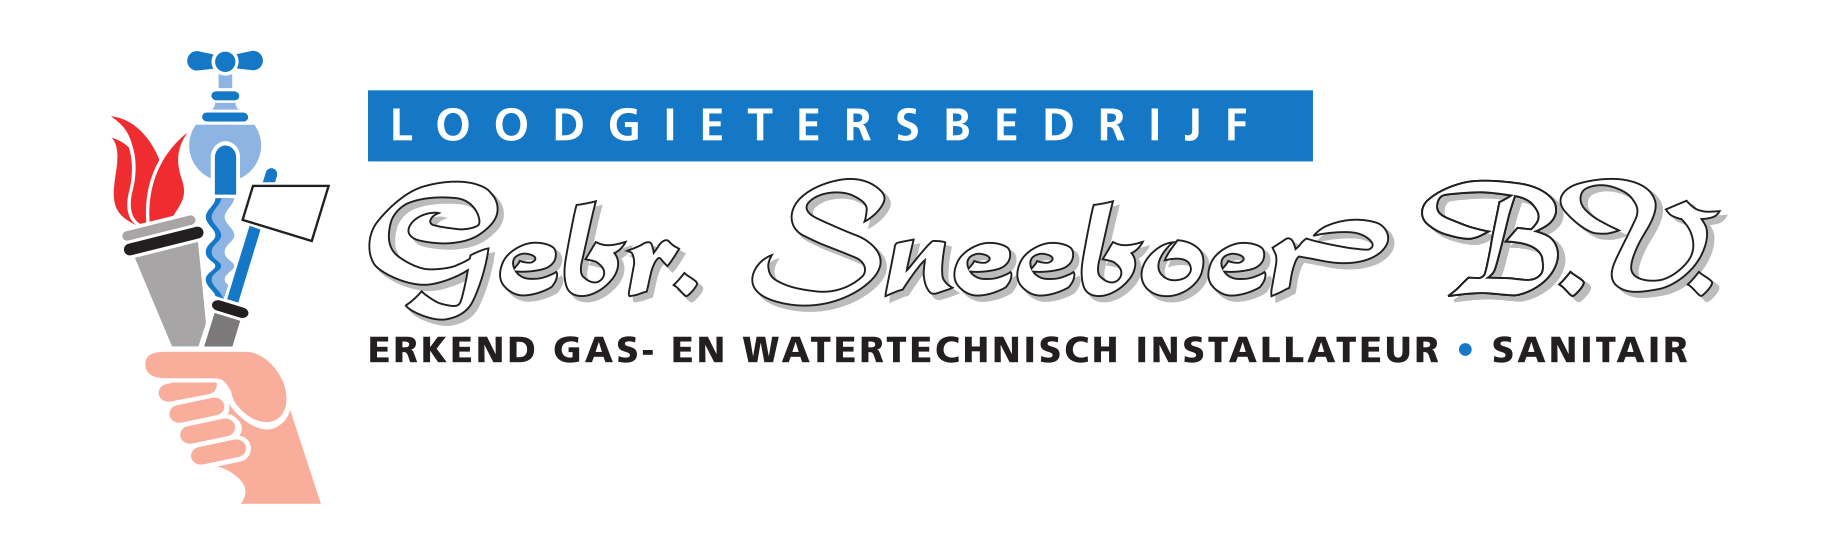 Gebr. Sneeboer B.V.